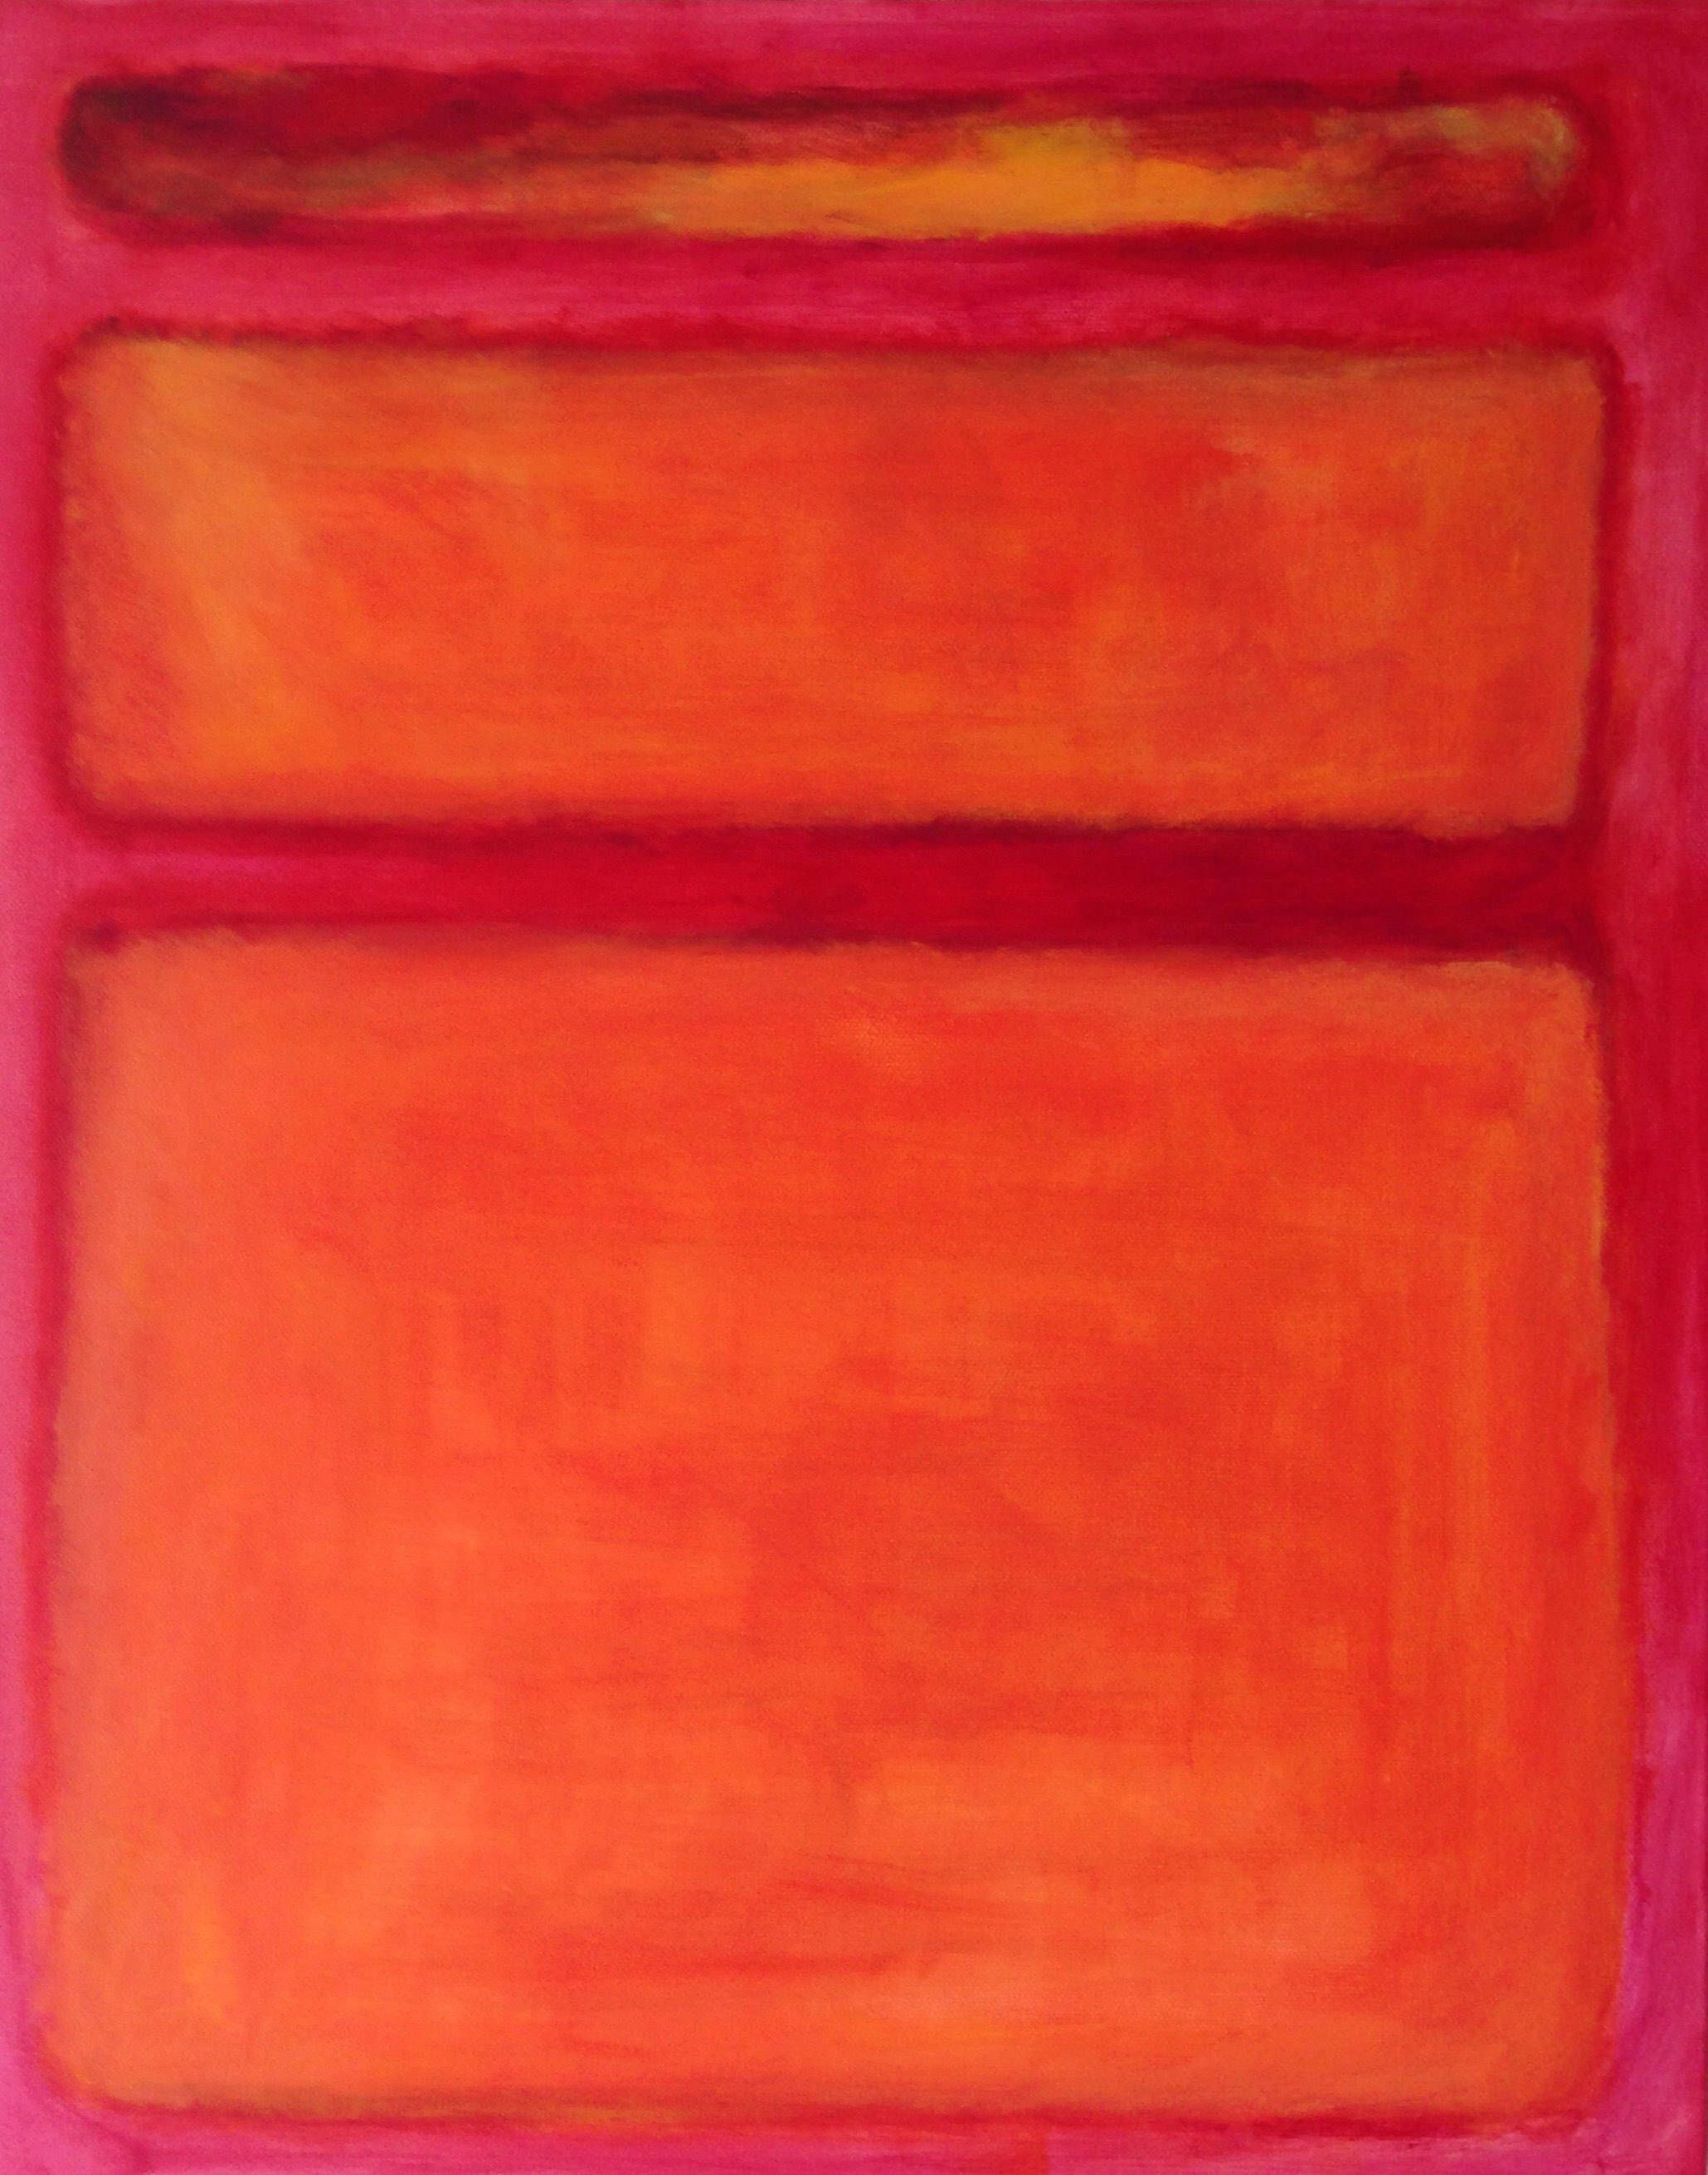 Mark Rothko Orange Red Yellow Hand Painted Reproduction - Art